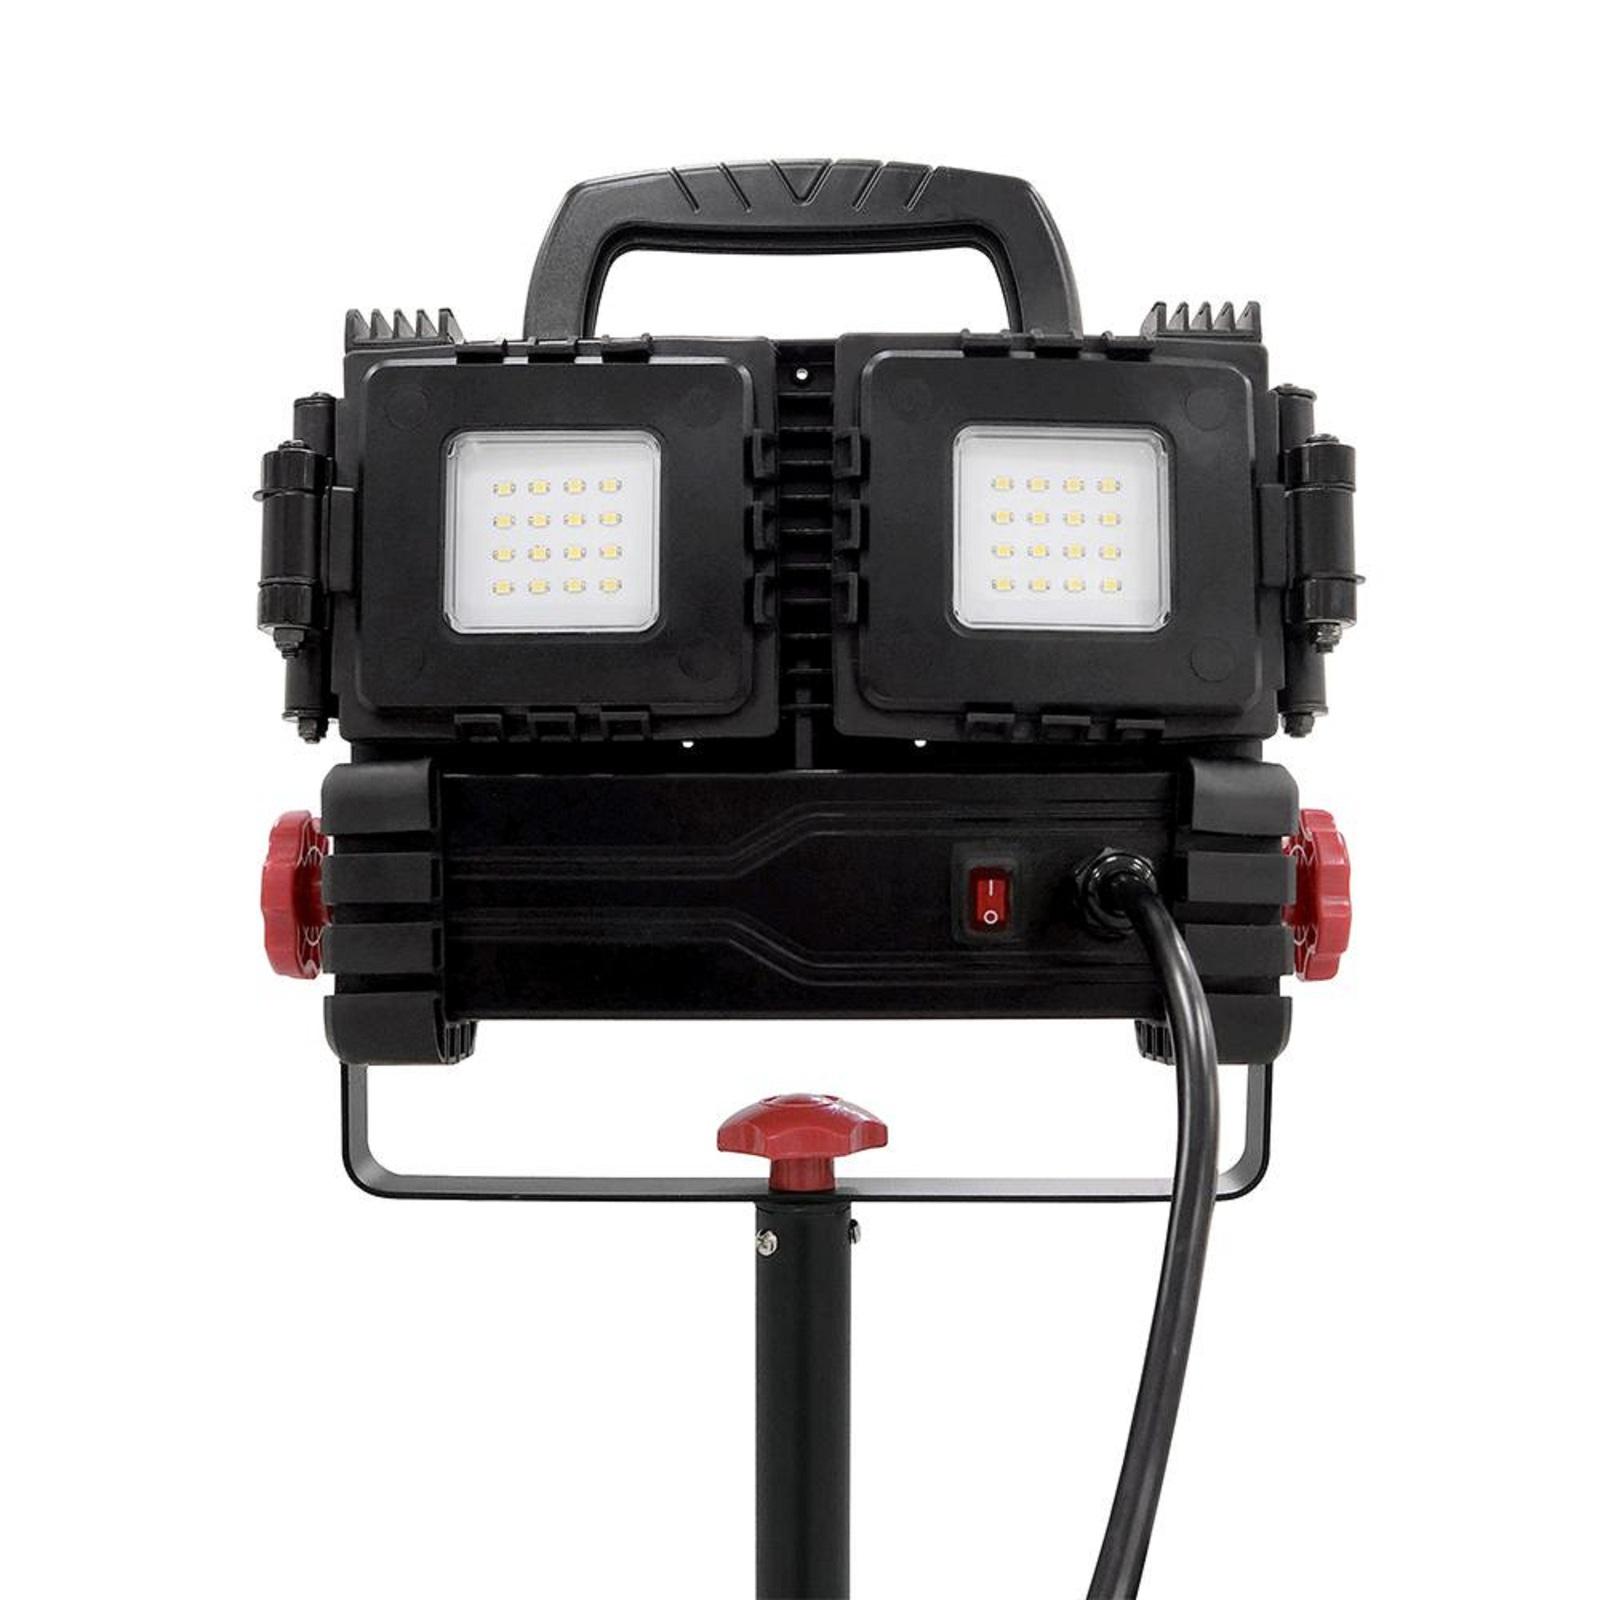 Tripod Work Light 3200 Lumen Multi Directional Led Bulb